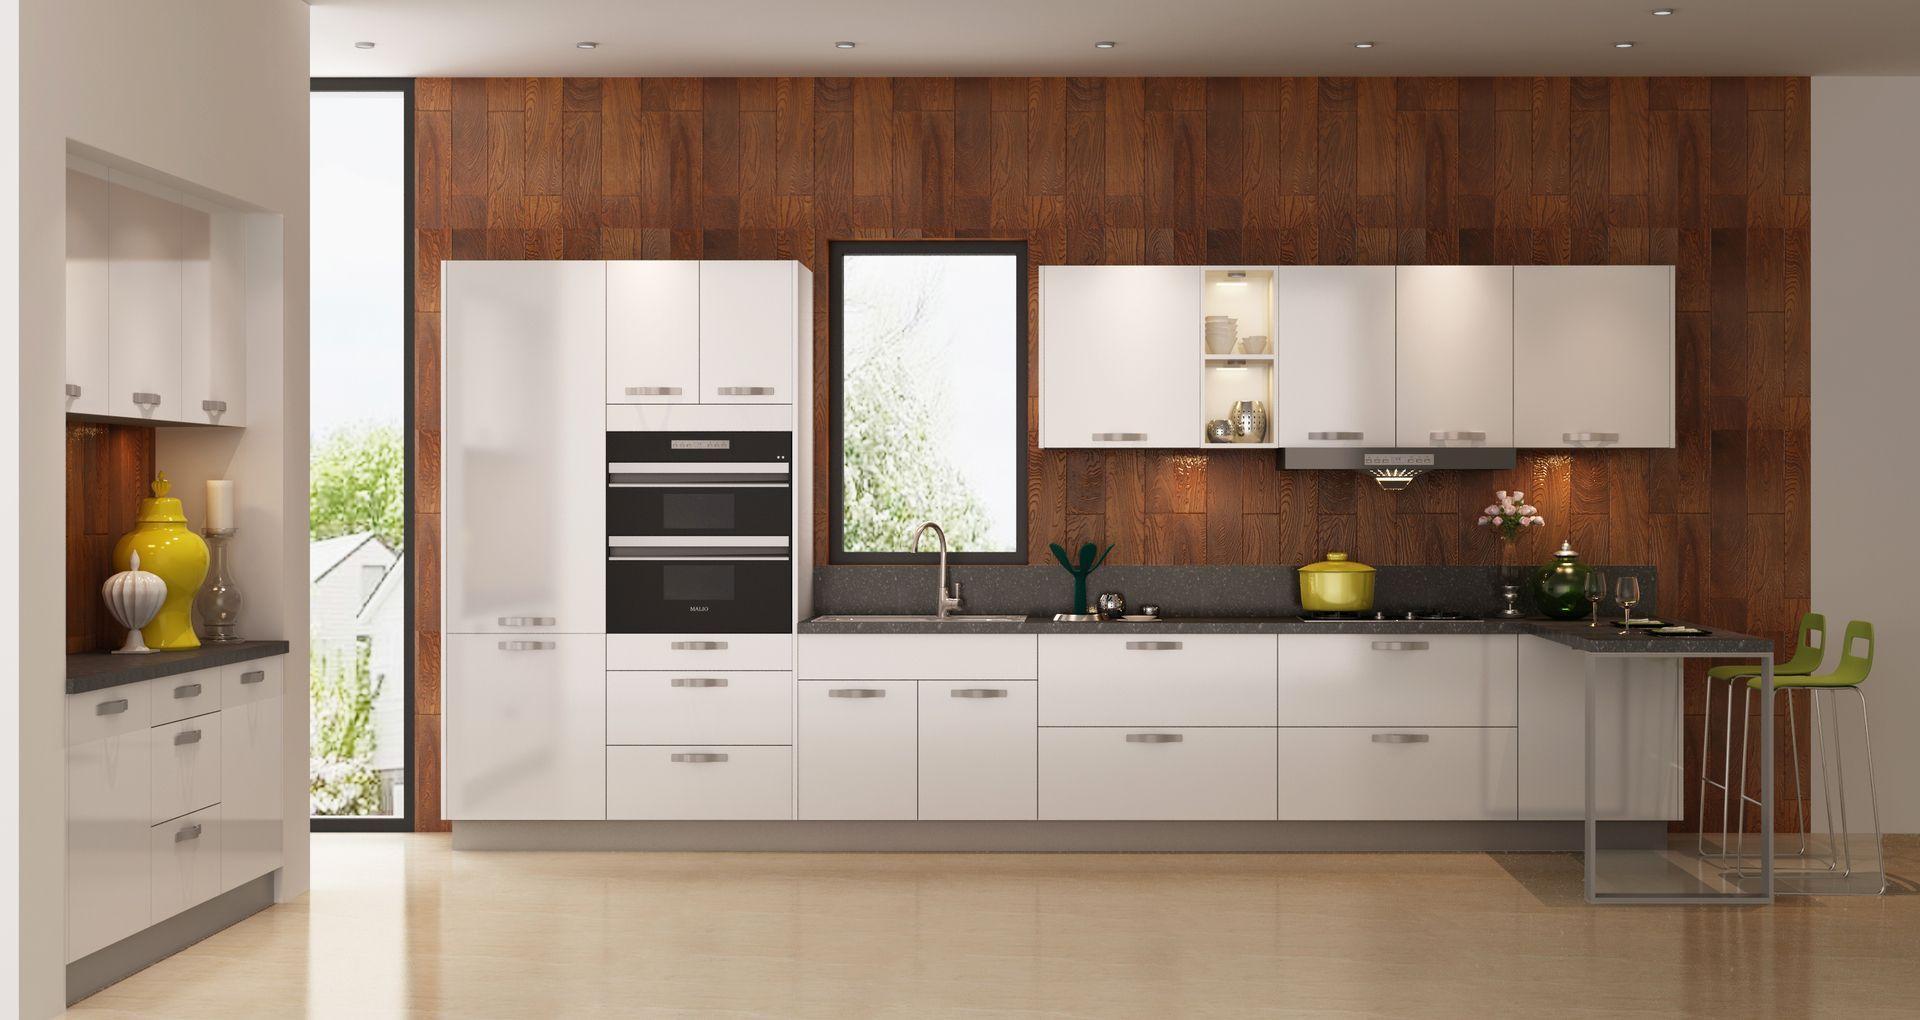 Kitchencabinetsideasimages Kitchen Design Ideas In 2019 Frameless Kitchen Cabinets Modern Kitchen Cabinets Kitchen Cabinets